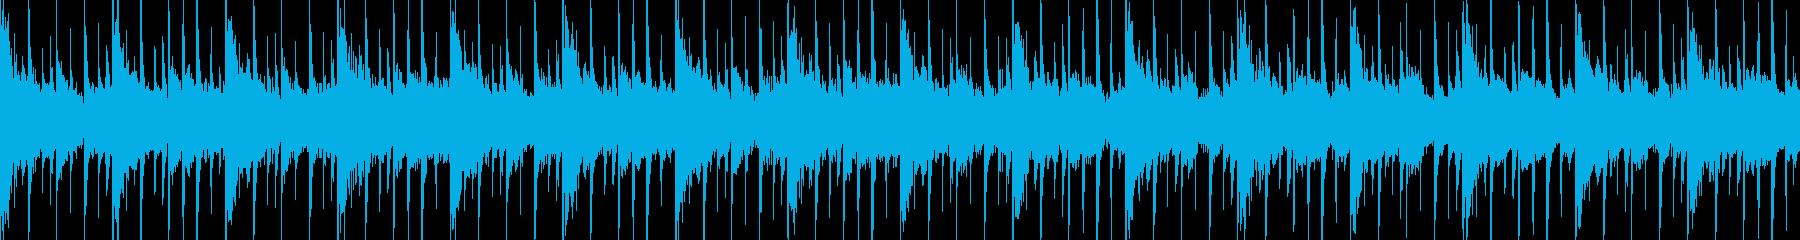 ファンキーなループ素材の再生済みの波形